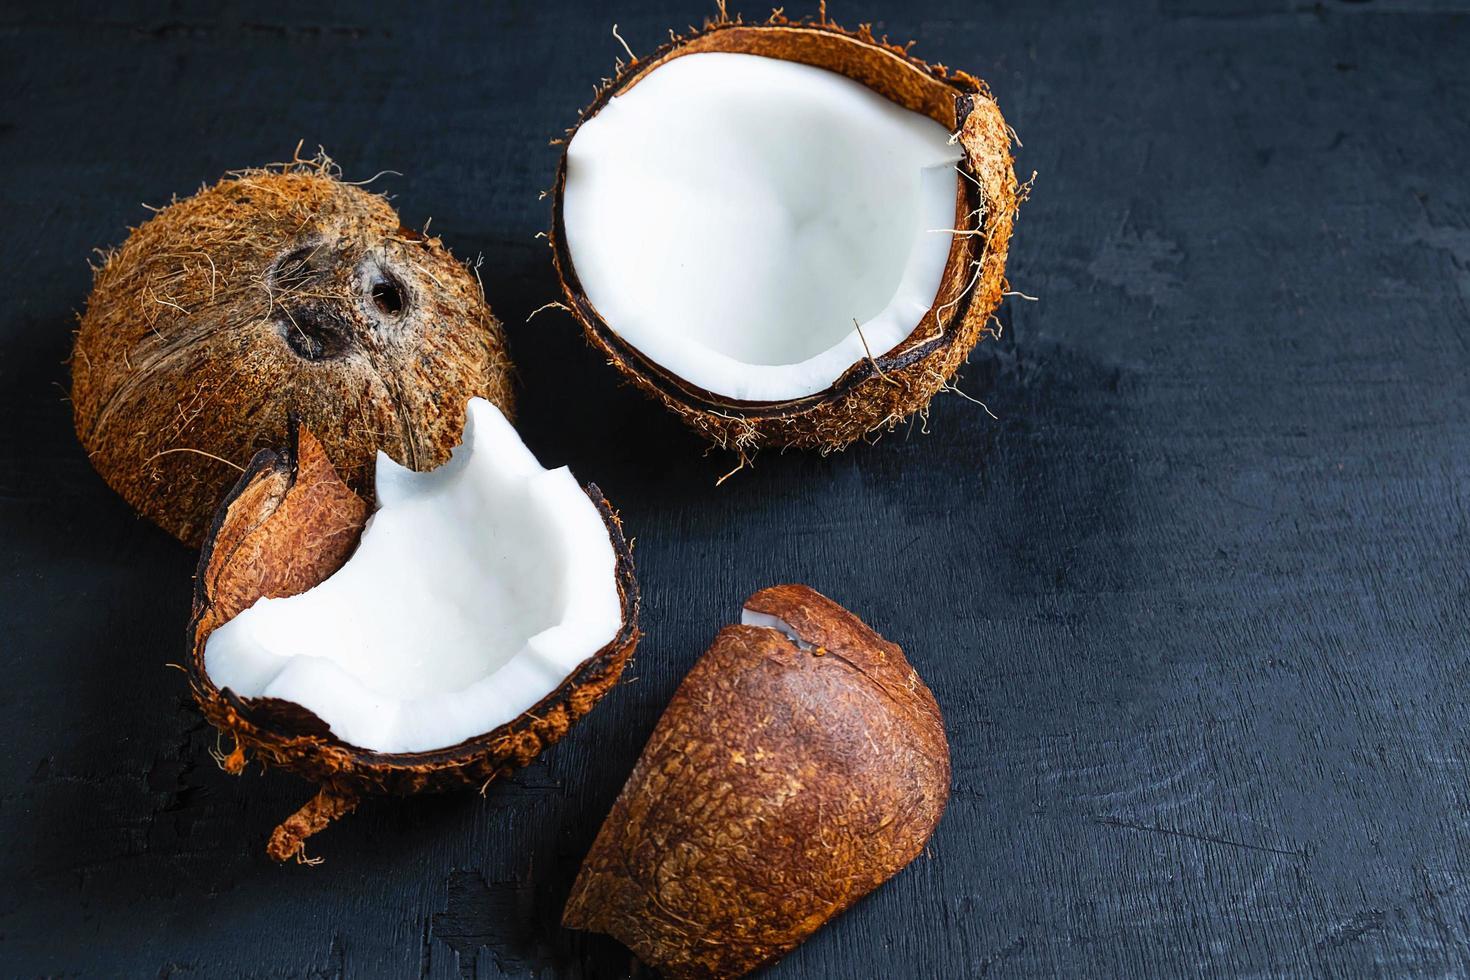 Kokosnuss halbiert auf einem schwarzen Tischhintergrund foto